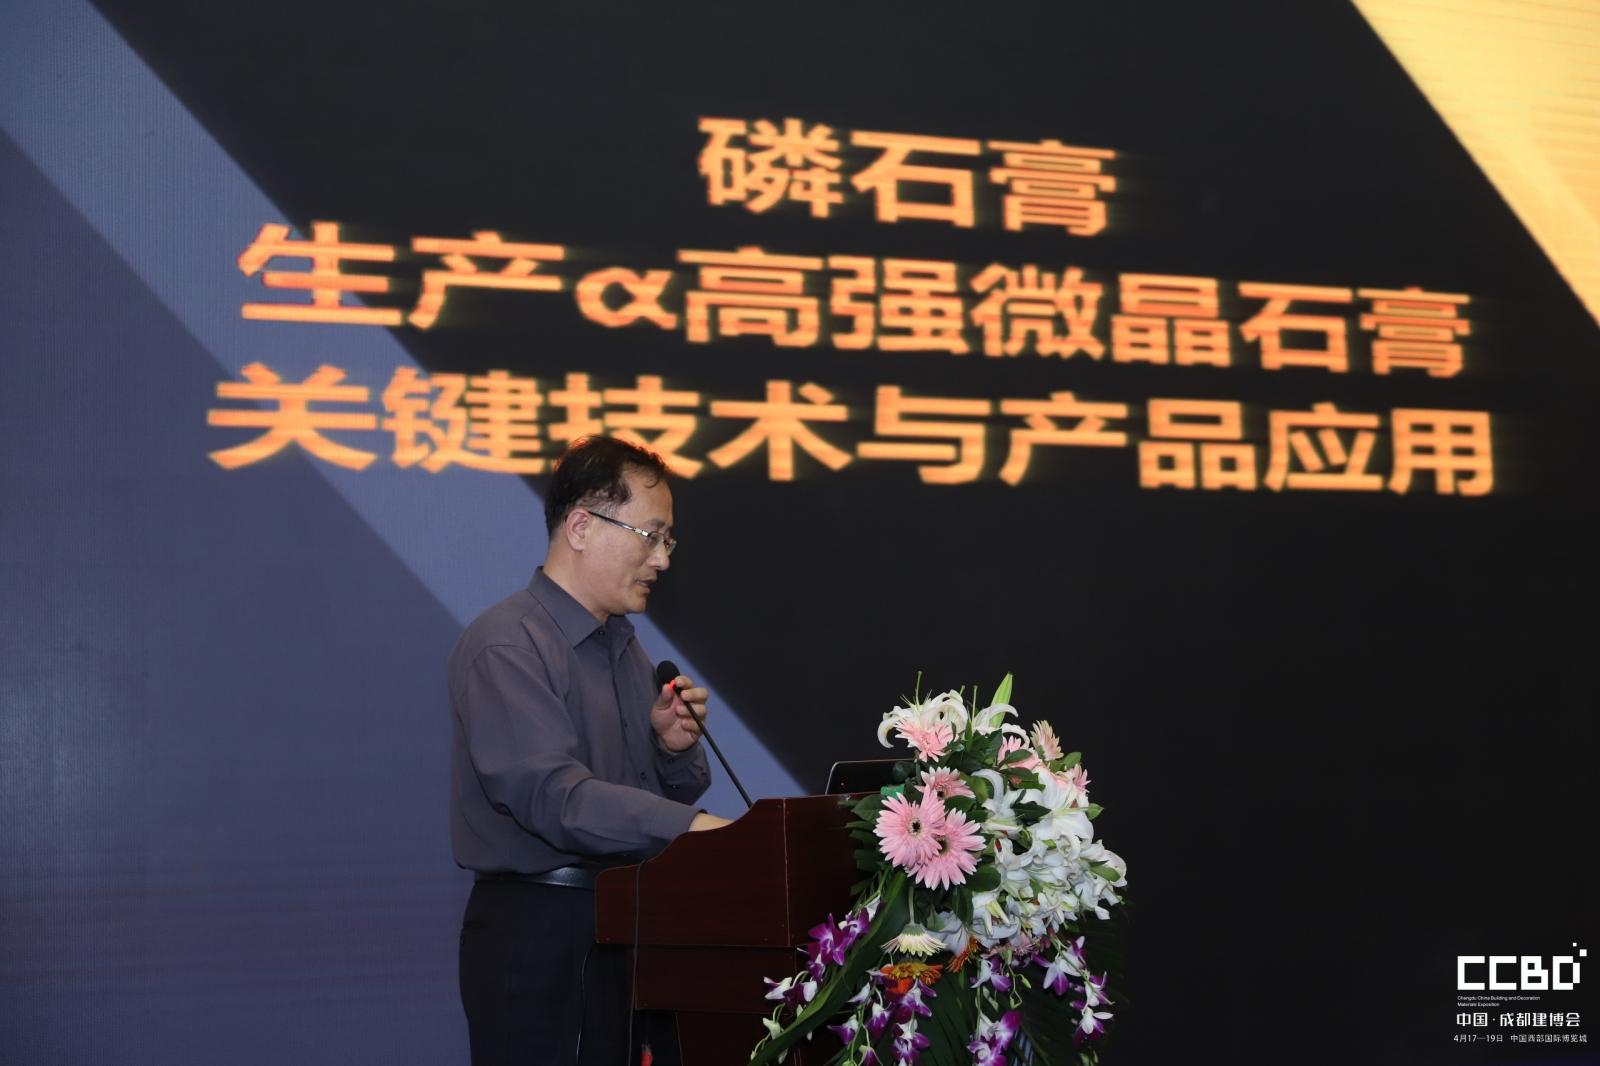 2019中国西部绿色建筑节能新材料、新技术产品应用论坛(图1)